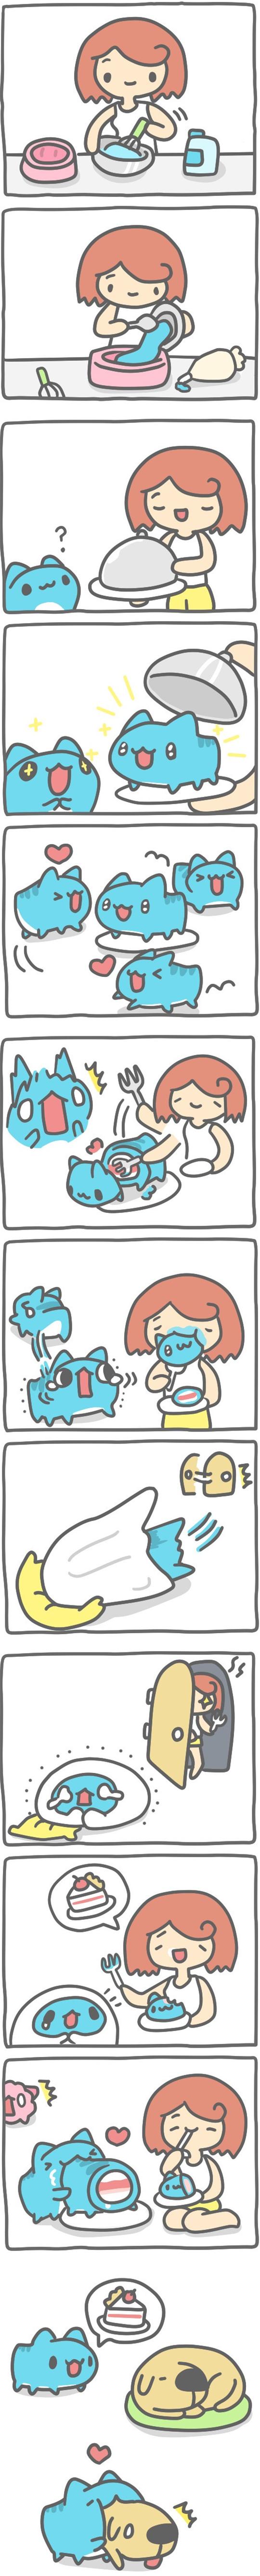 Truyện Mìn Lèo #367: Làm bánh kem